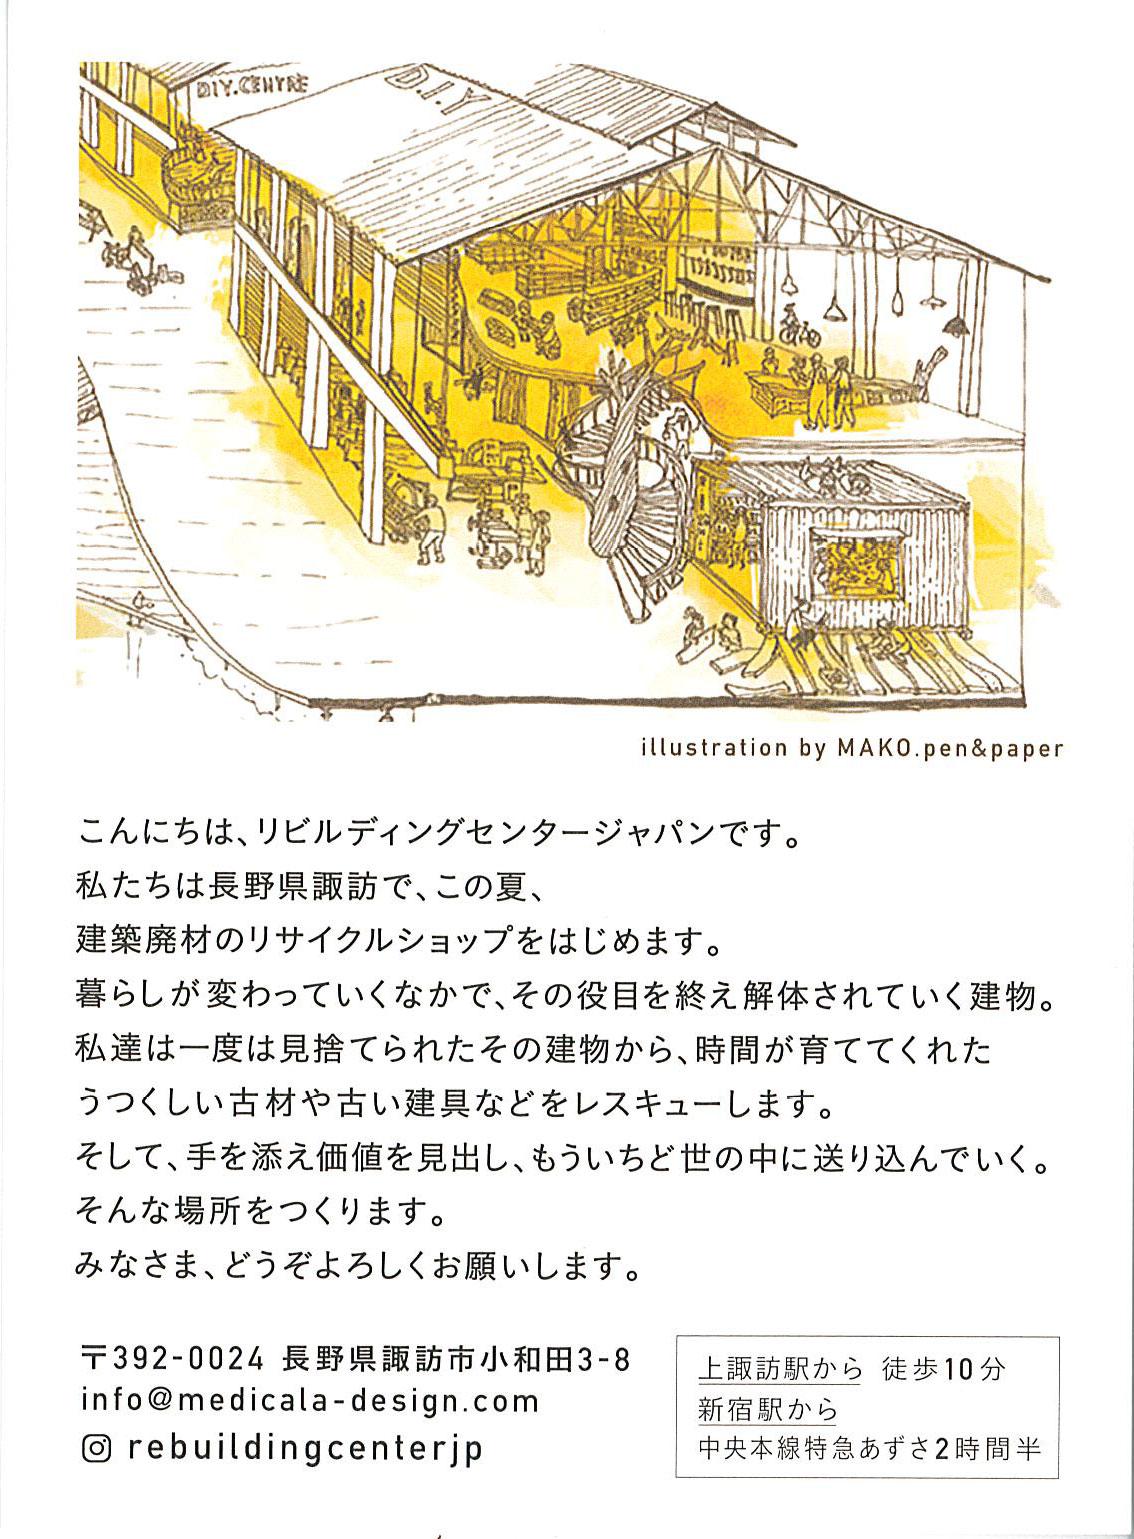 rebuilding-center-japan-backside.jpg